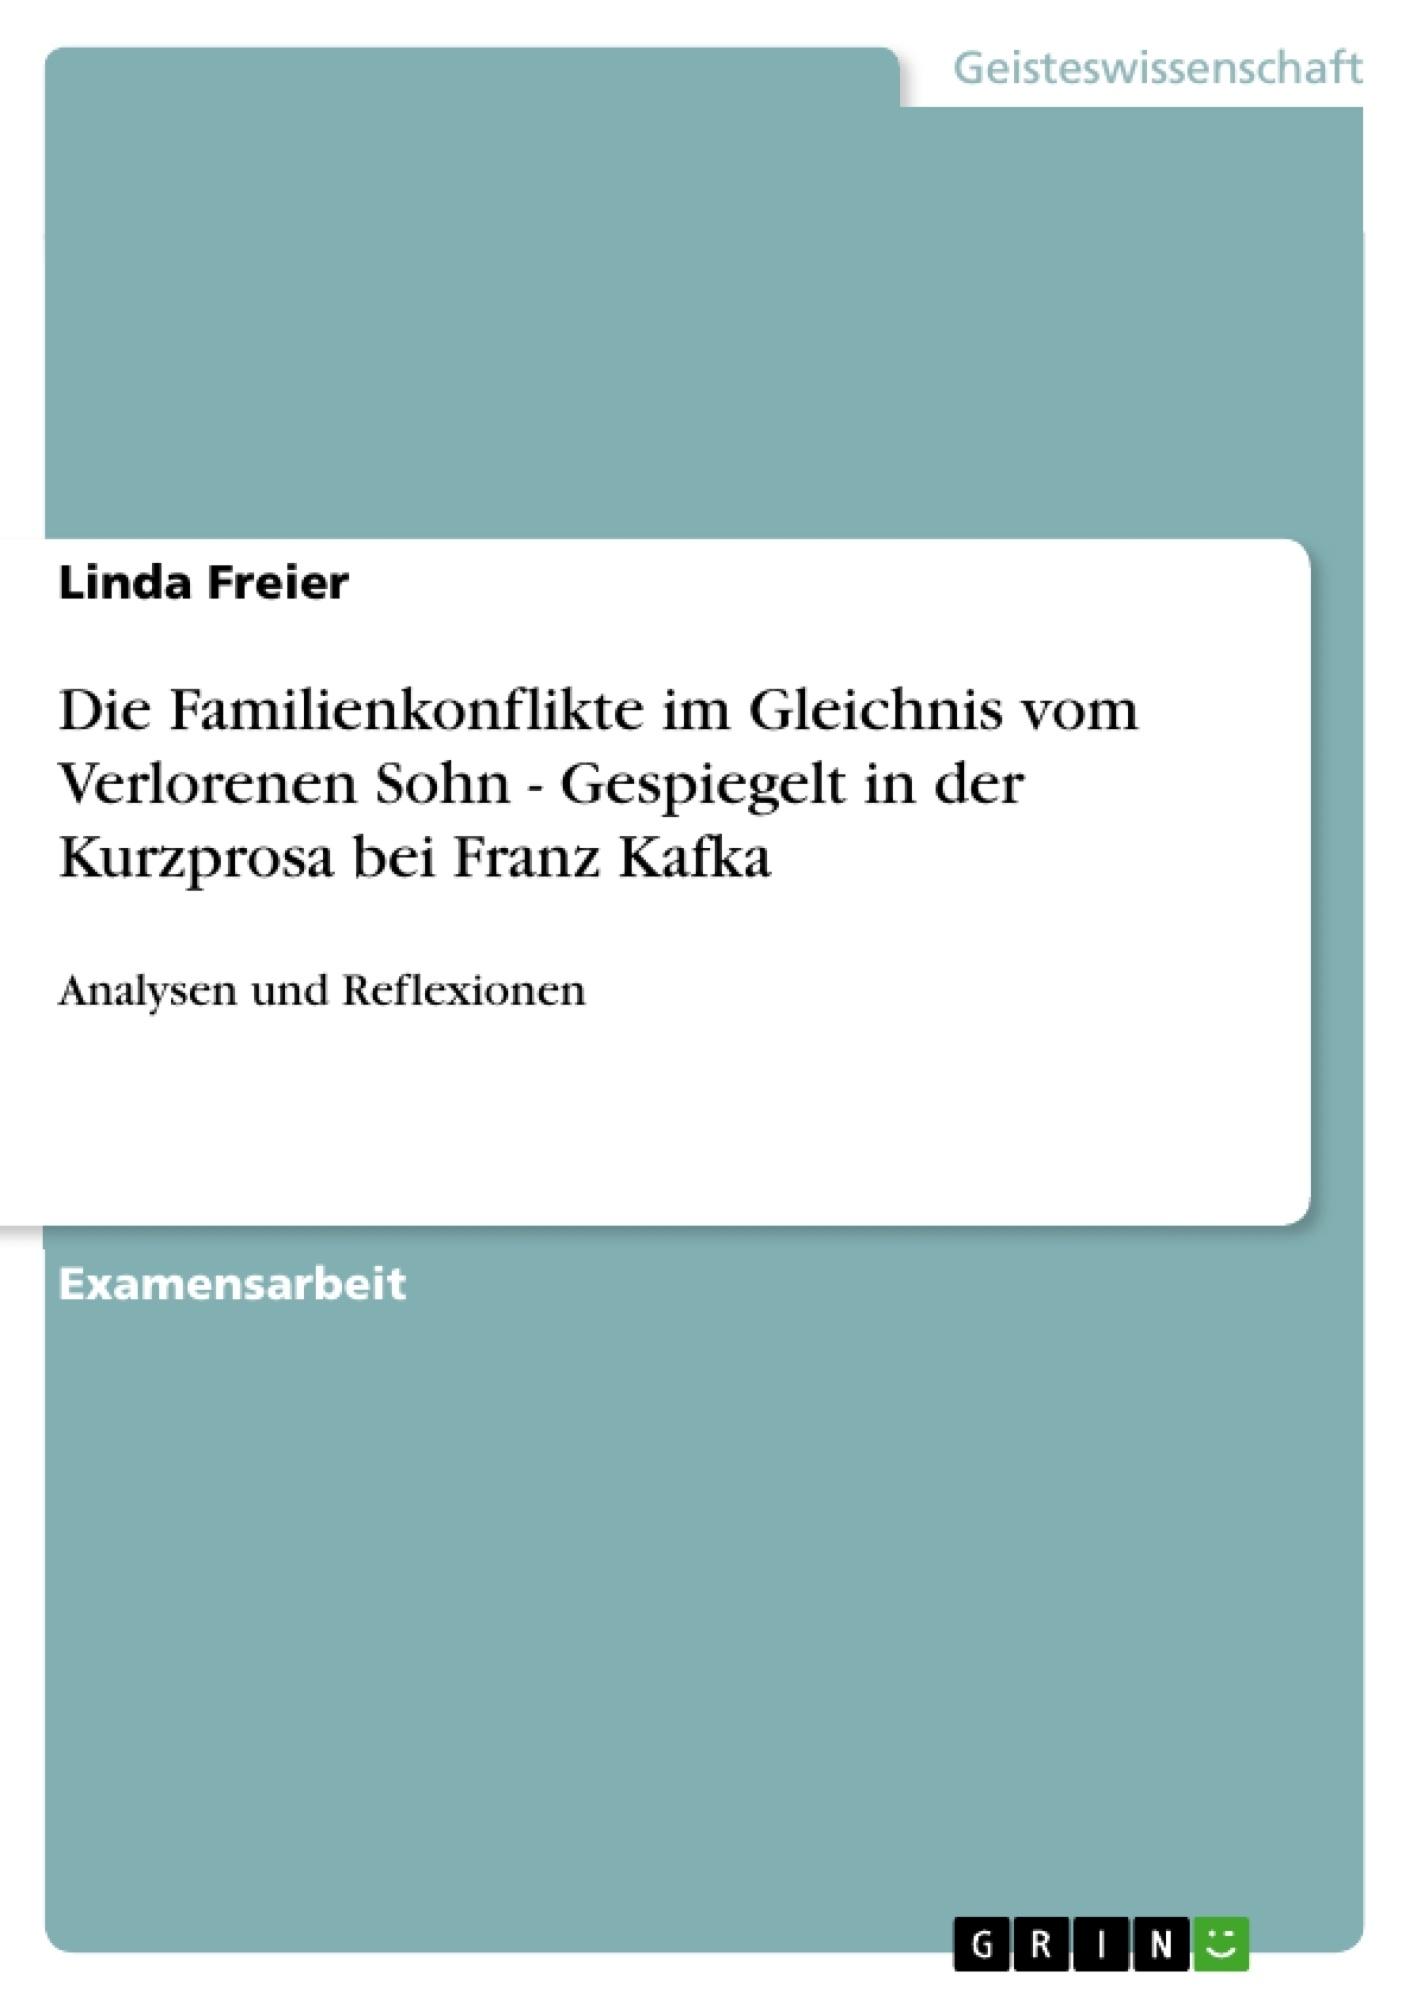 Titel: Die Familienkonflikte im Gleichnis vom Verlorenen Sohn - Gespiegelt in der Kurzprosa bei Franz Kafka